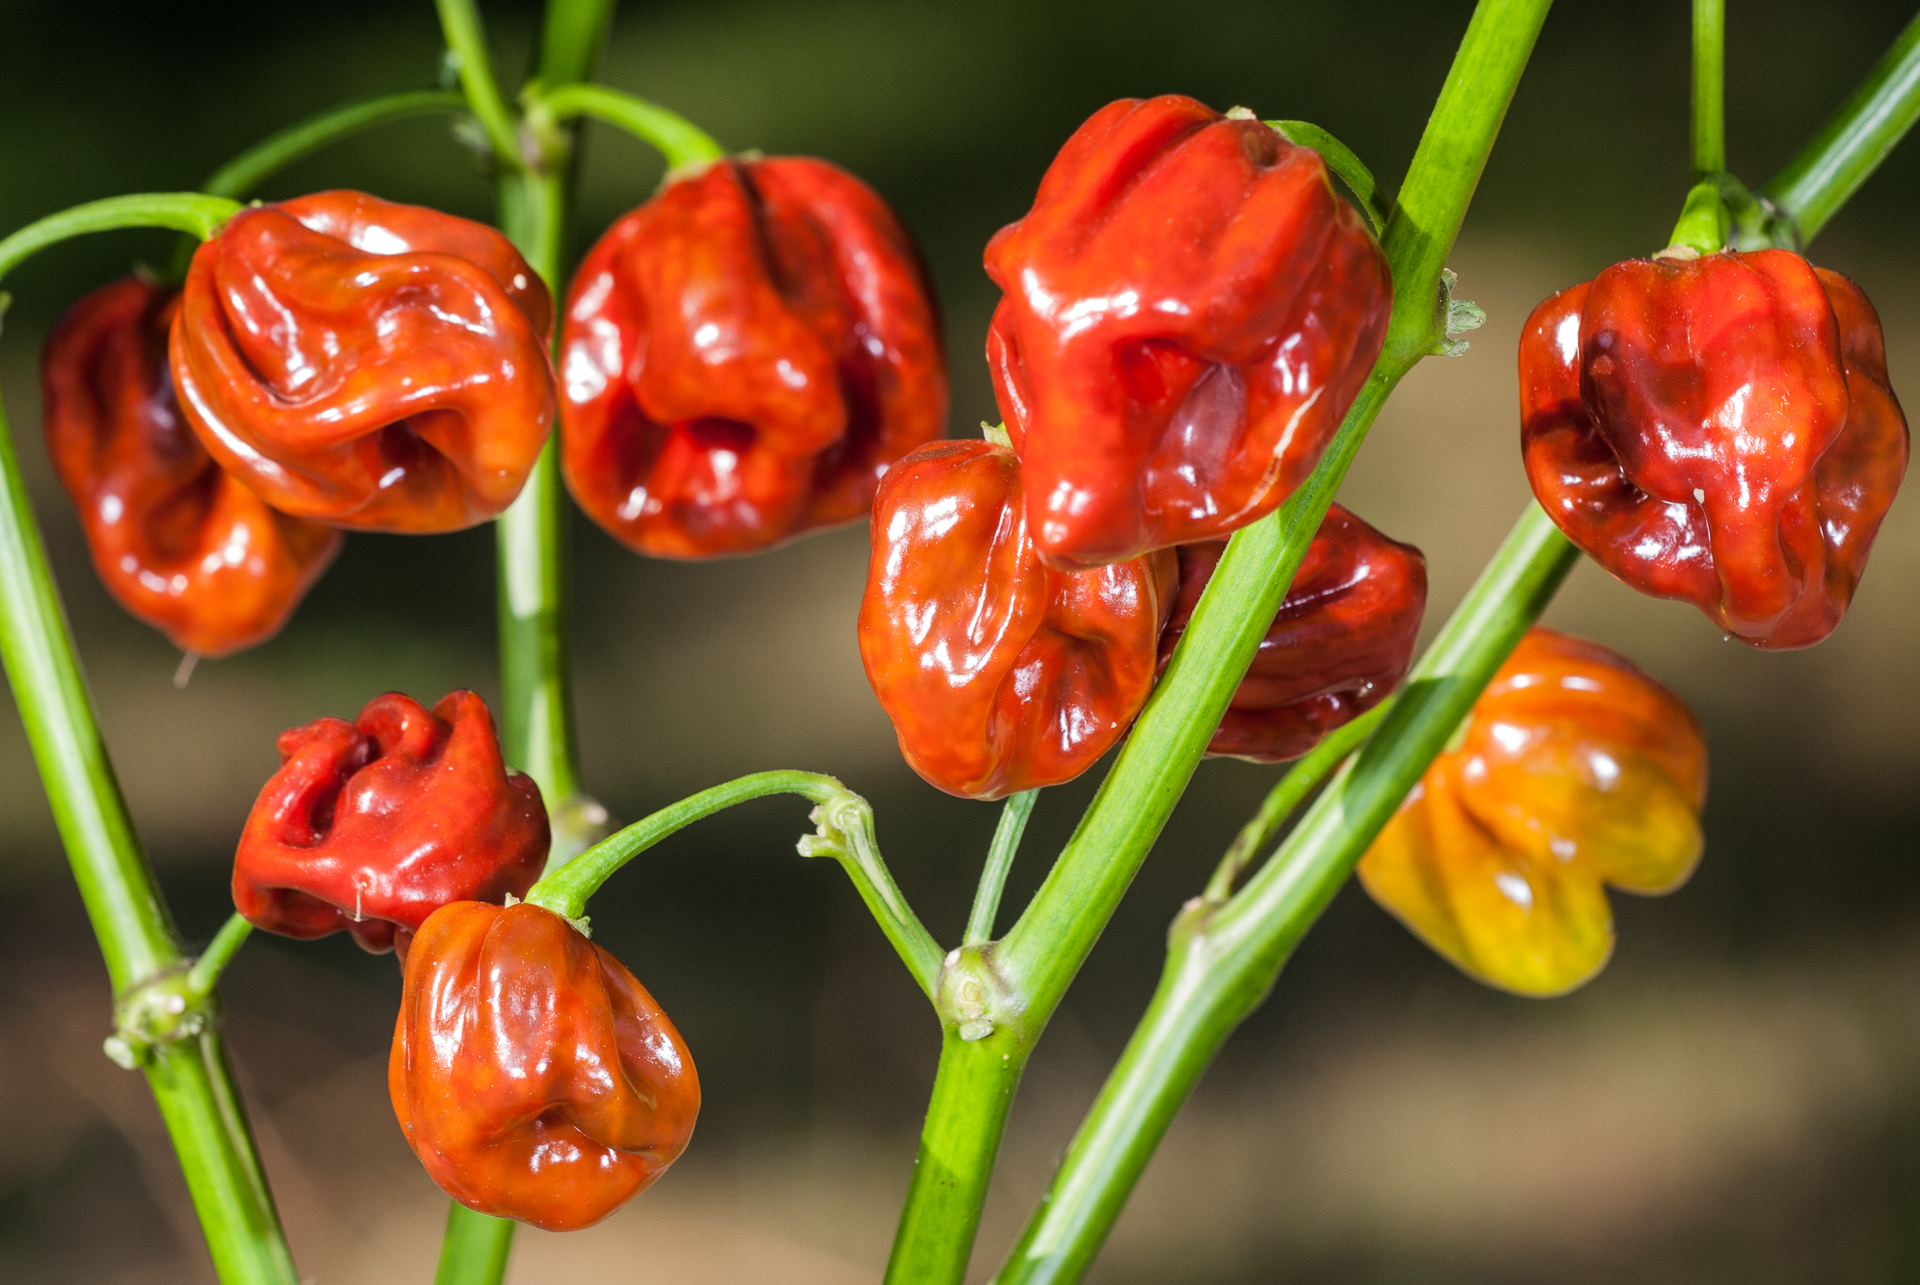 BPGV06235 - Capsicum annuum - variedad de chile